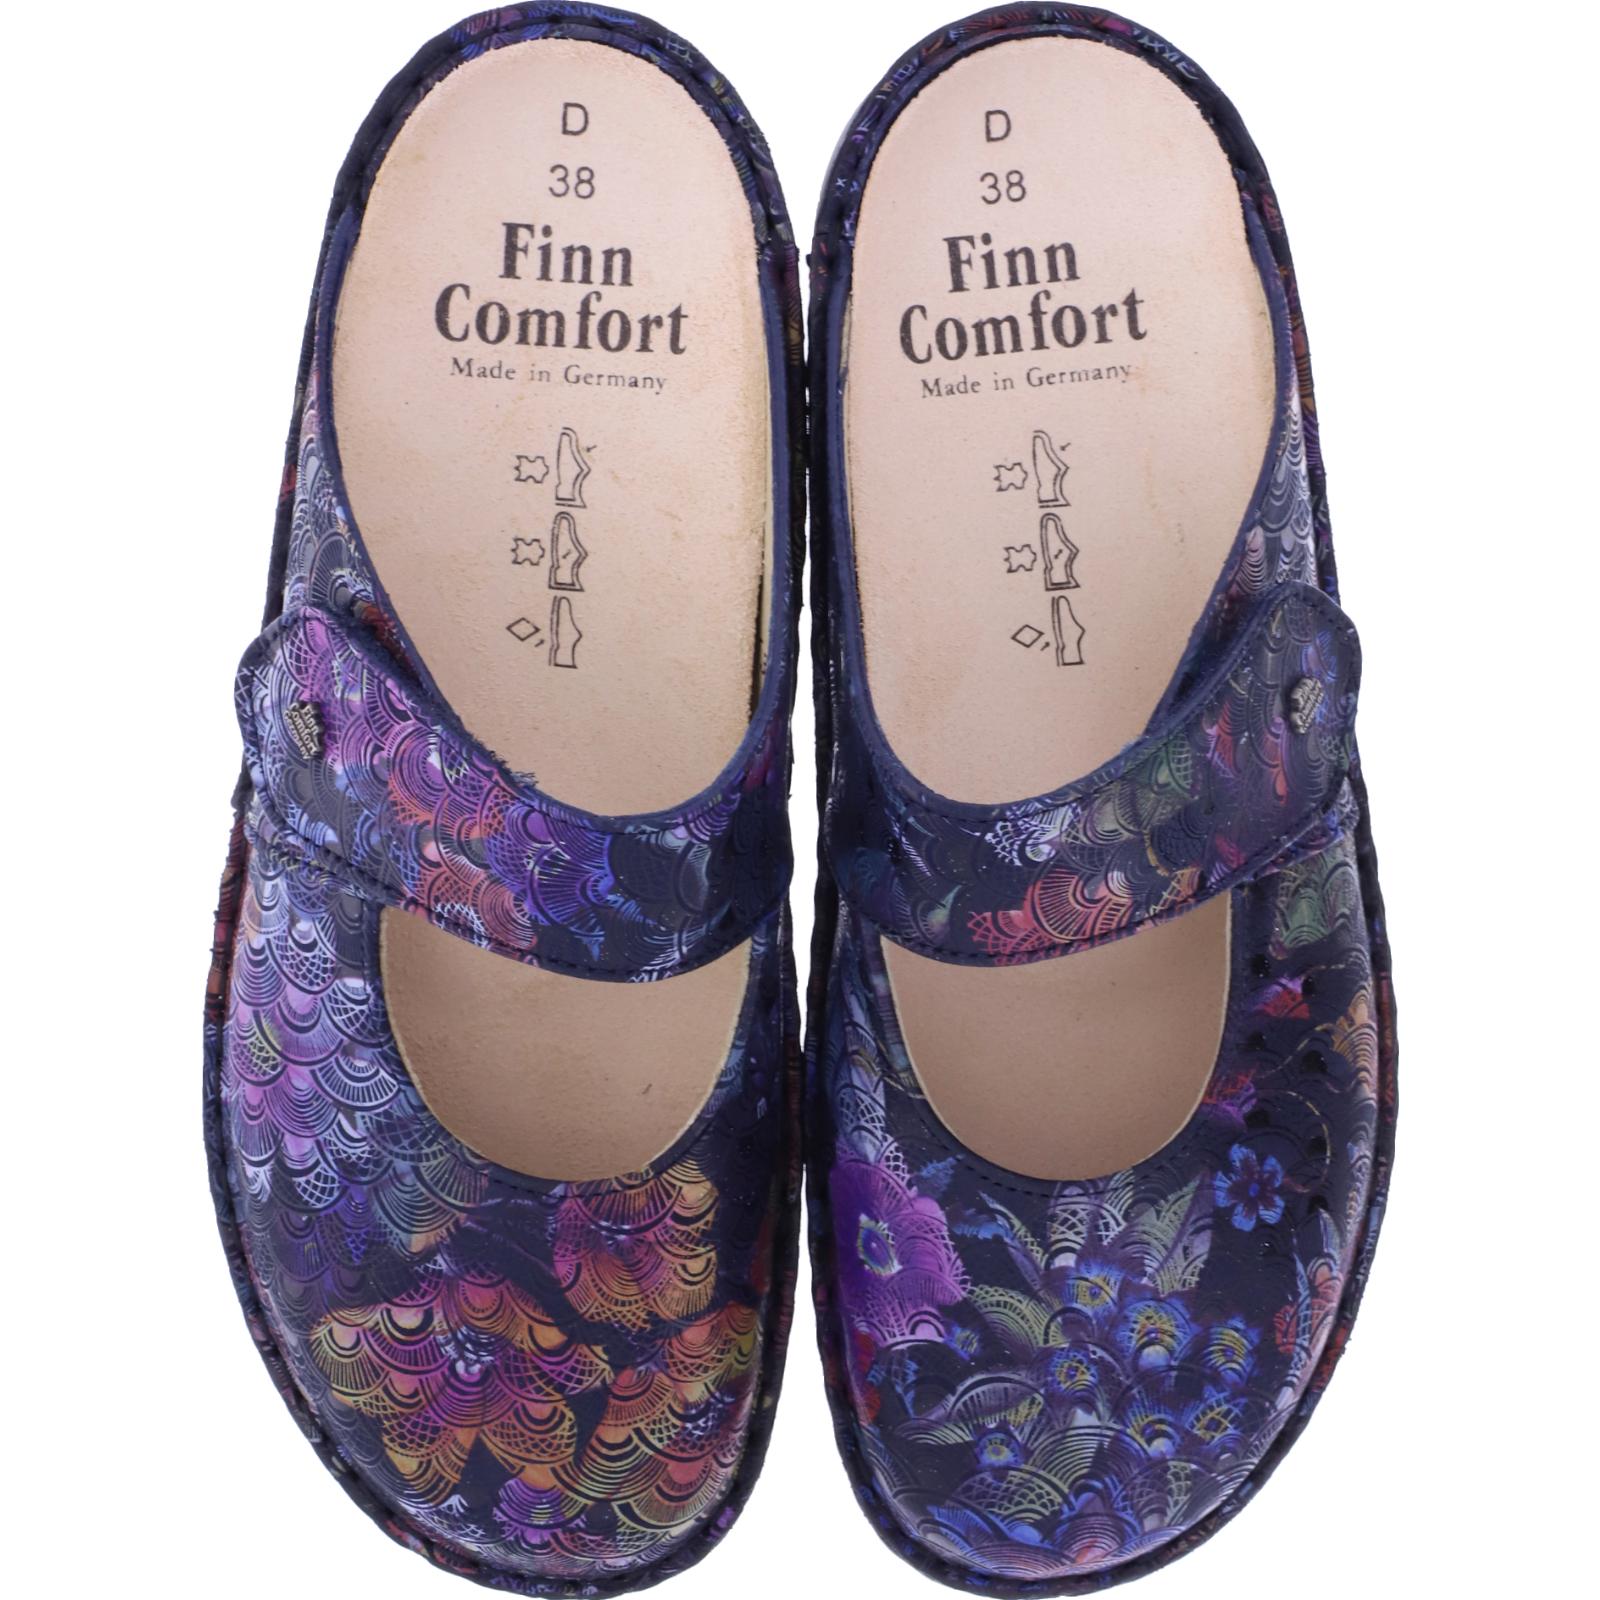 Finn Comfort Stanford Multi Darkblue Wechselfußbett Art: 02552 673048 Damen Clogs